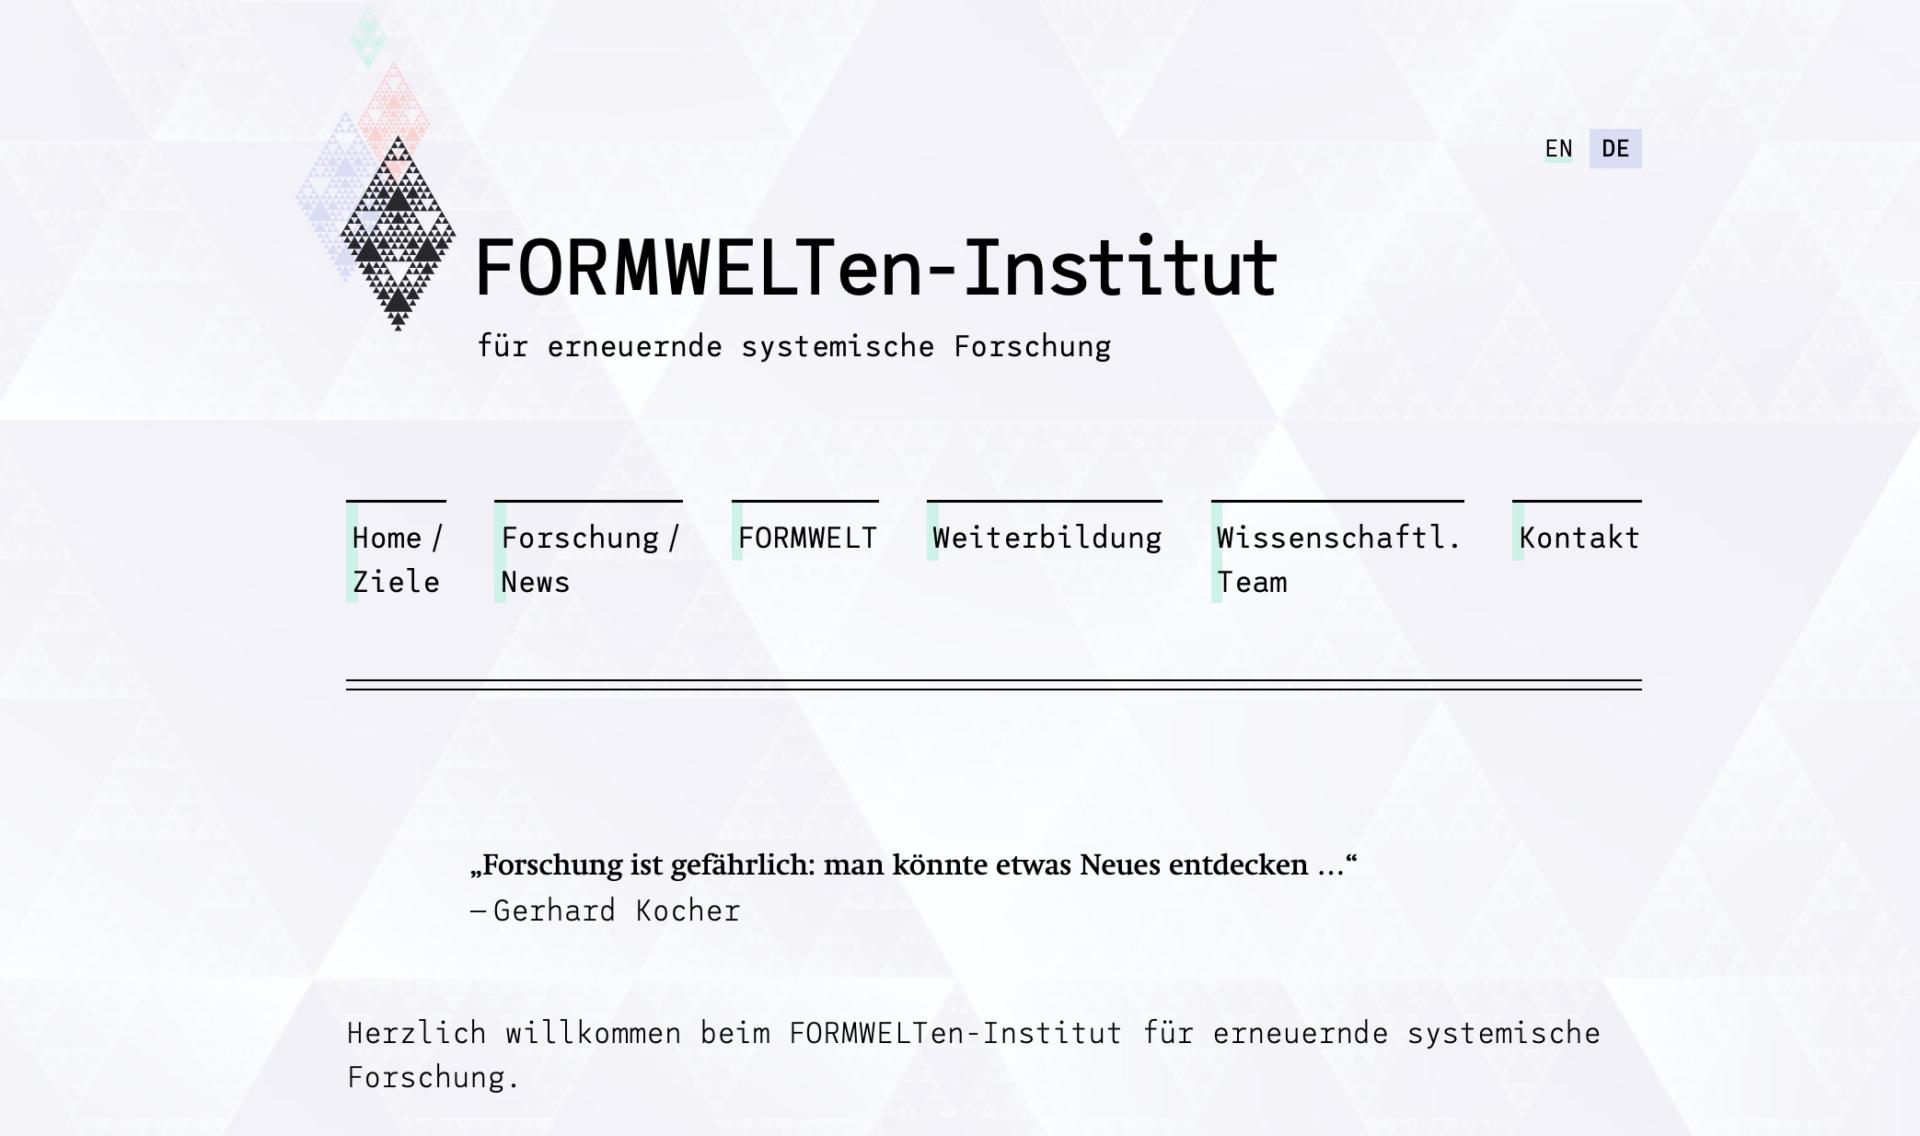 Screenshot der Website https://formwelten-institut.com/de